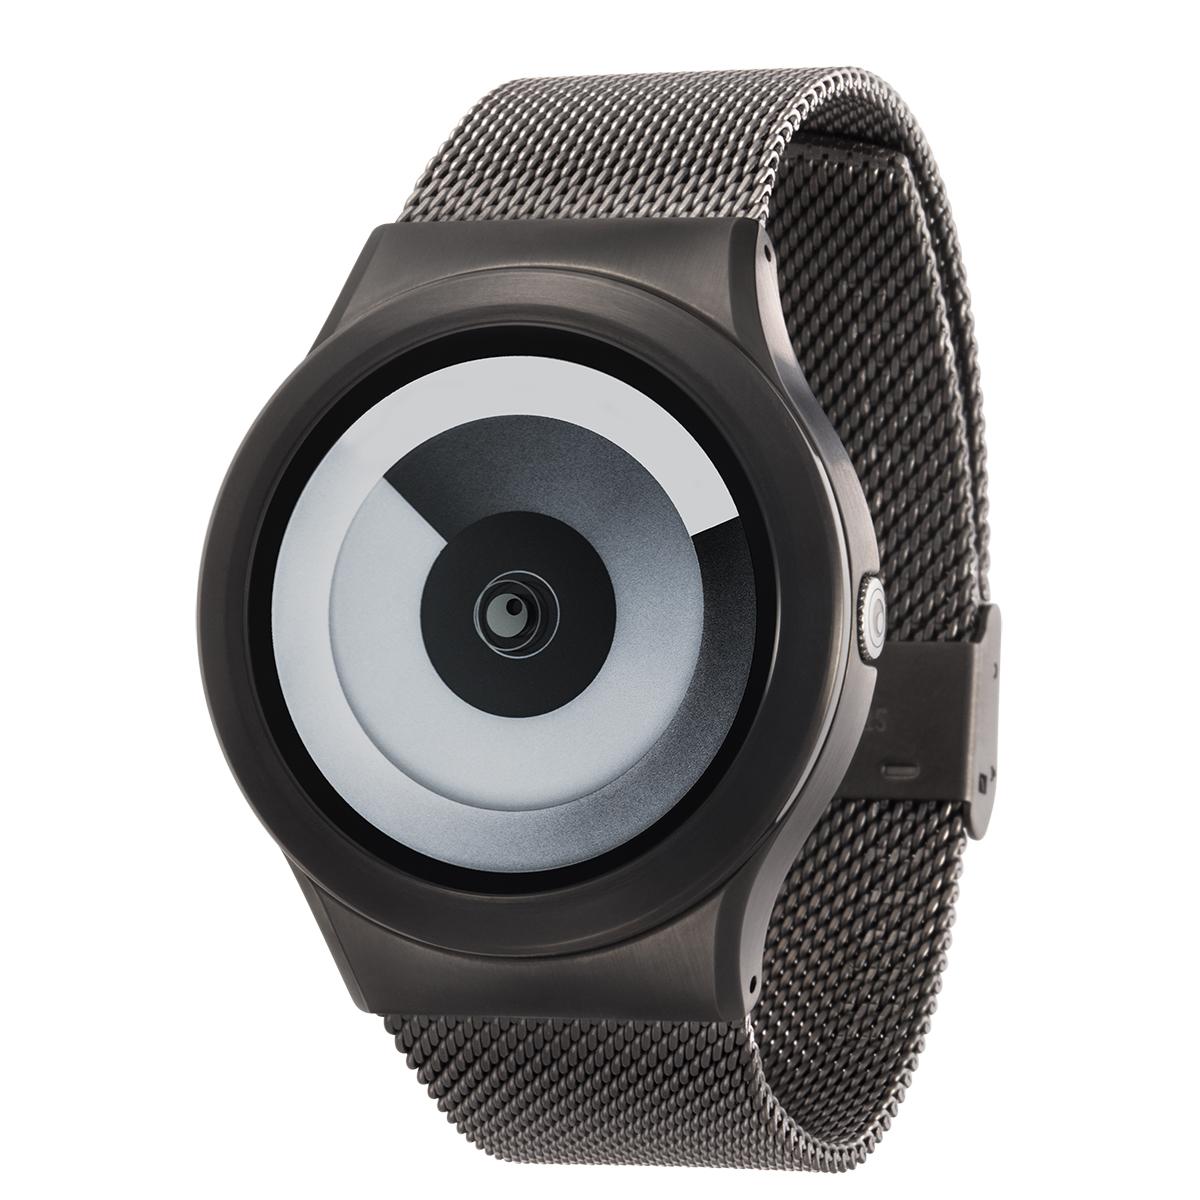 ファッションウォッチ デザインウォッチ 完売 5ATM メーカー保障12ヶ月 ベルト調整用工具 LOGO入りクロス 取扱説明書 ZIIIROとは関係ありません ZEROOTIME ゼロタイム ZEROO SPIRAL ホワイト GALAXY おしゃれ時計 デザイナーズ ペア用 腕時計 ゼロ 電池式クォーツ 日本 ユニセックス レディース W06016B02SM02 メンズ